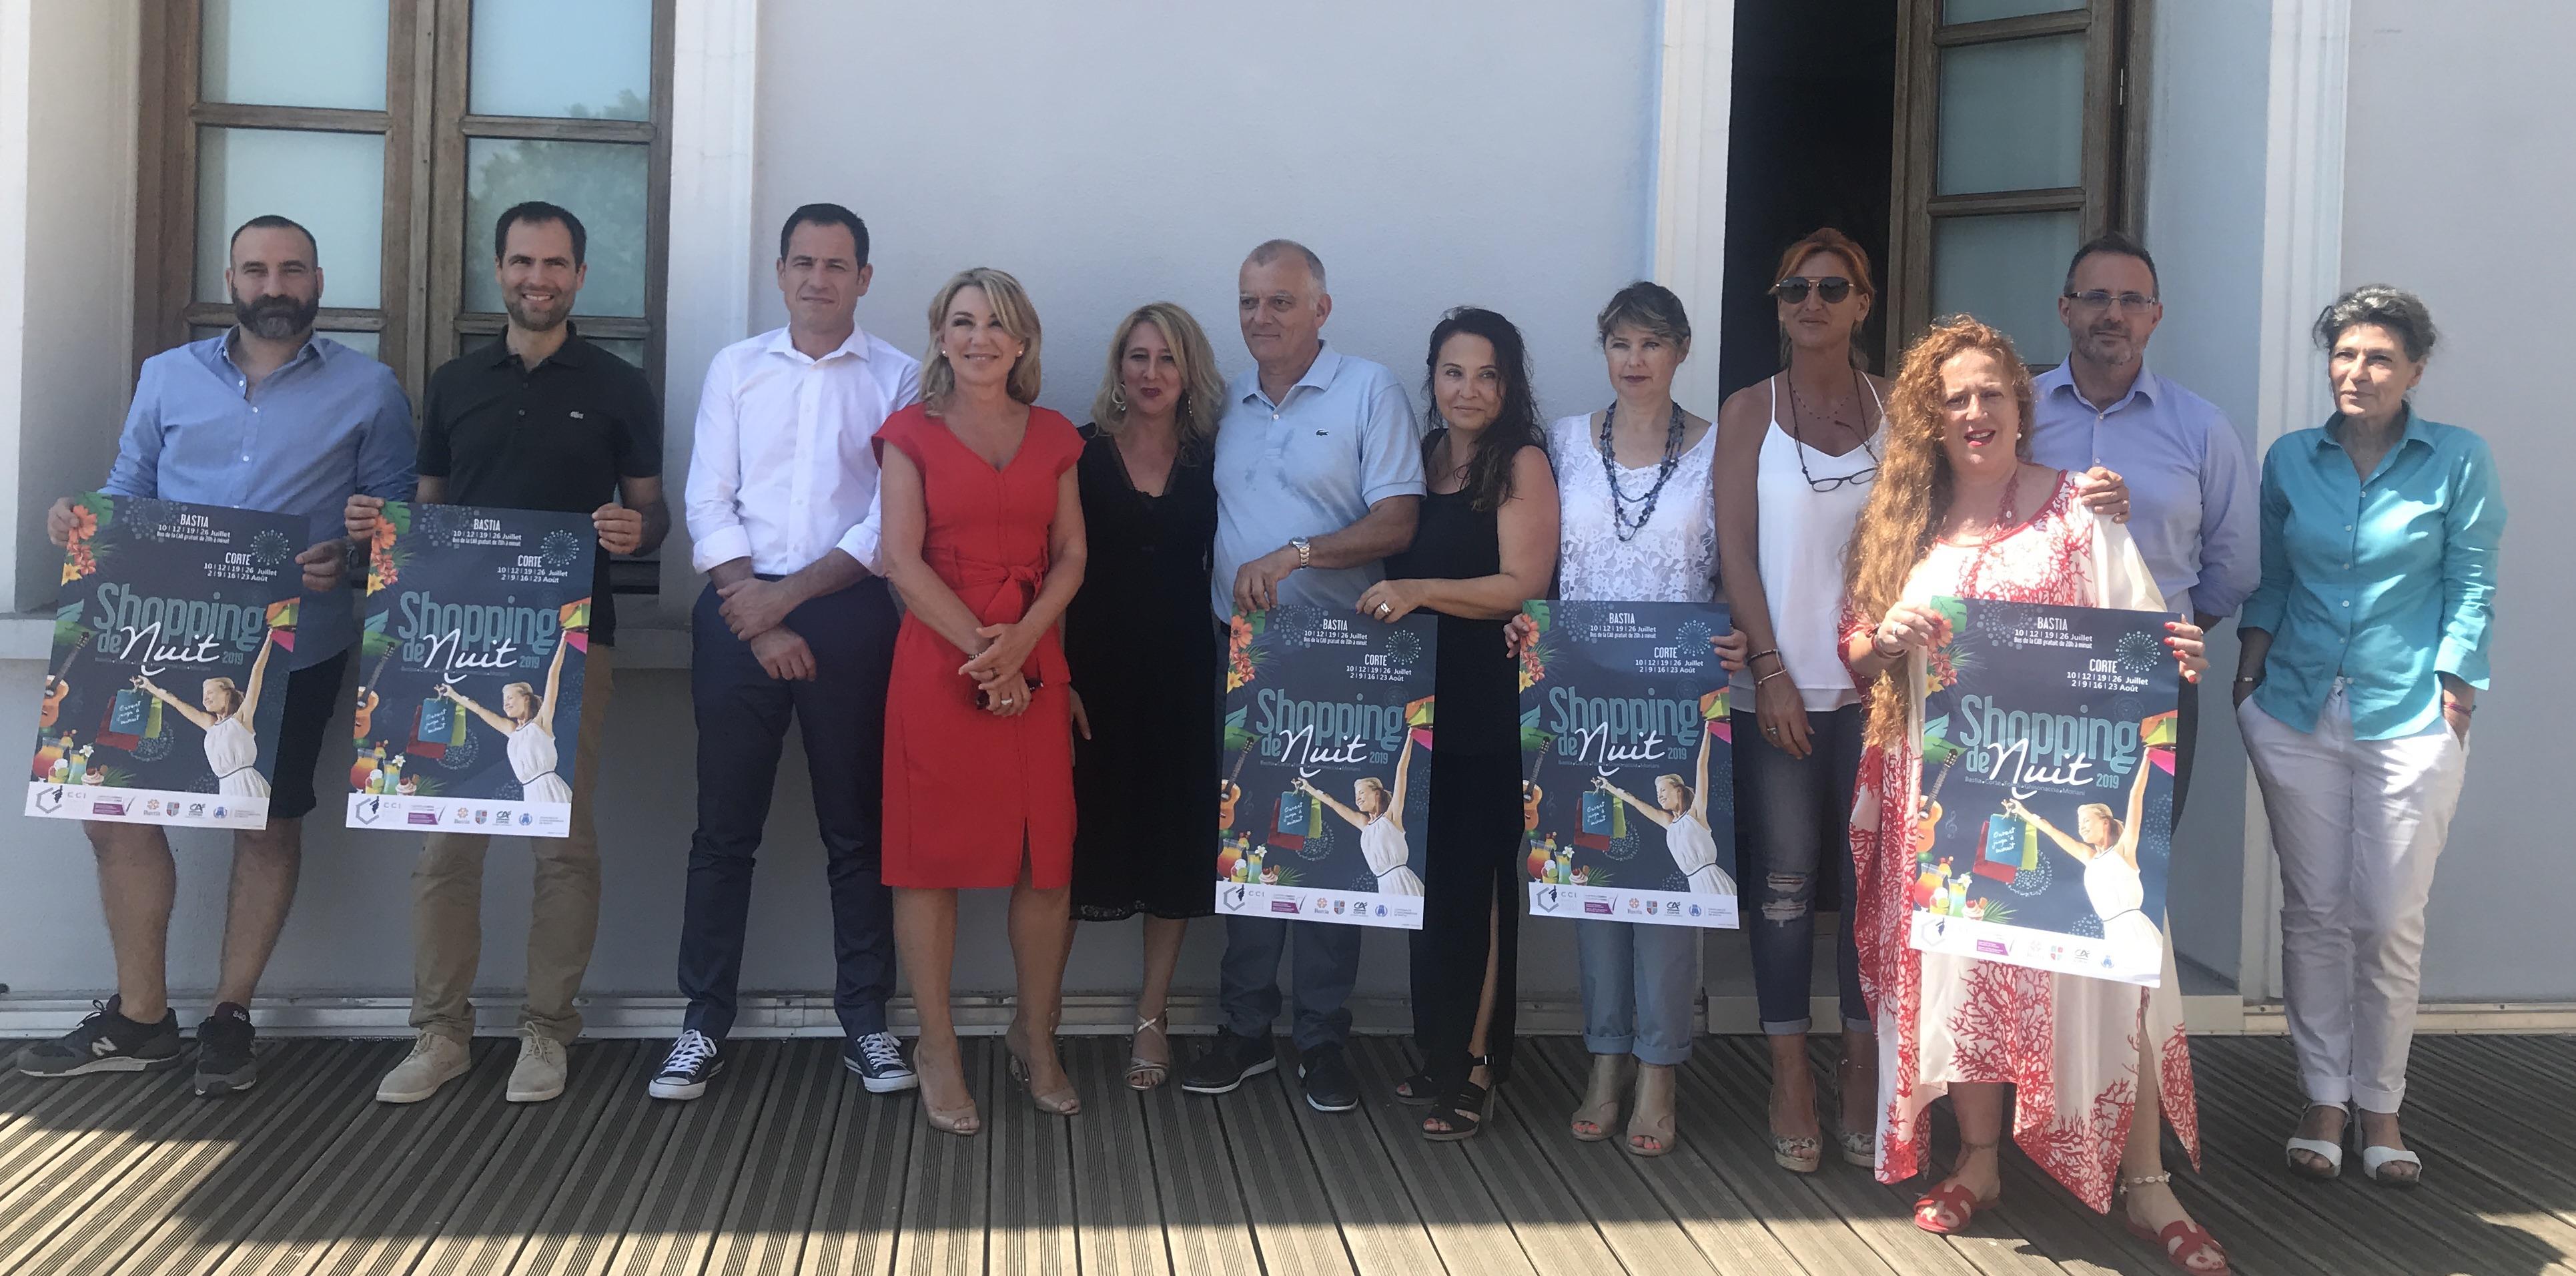 Bastia : Le shopping de nuit revient pour une 14ème édition